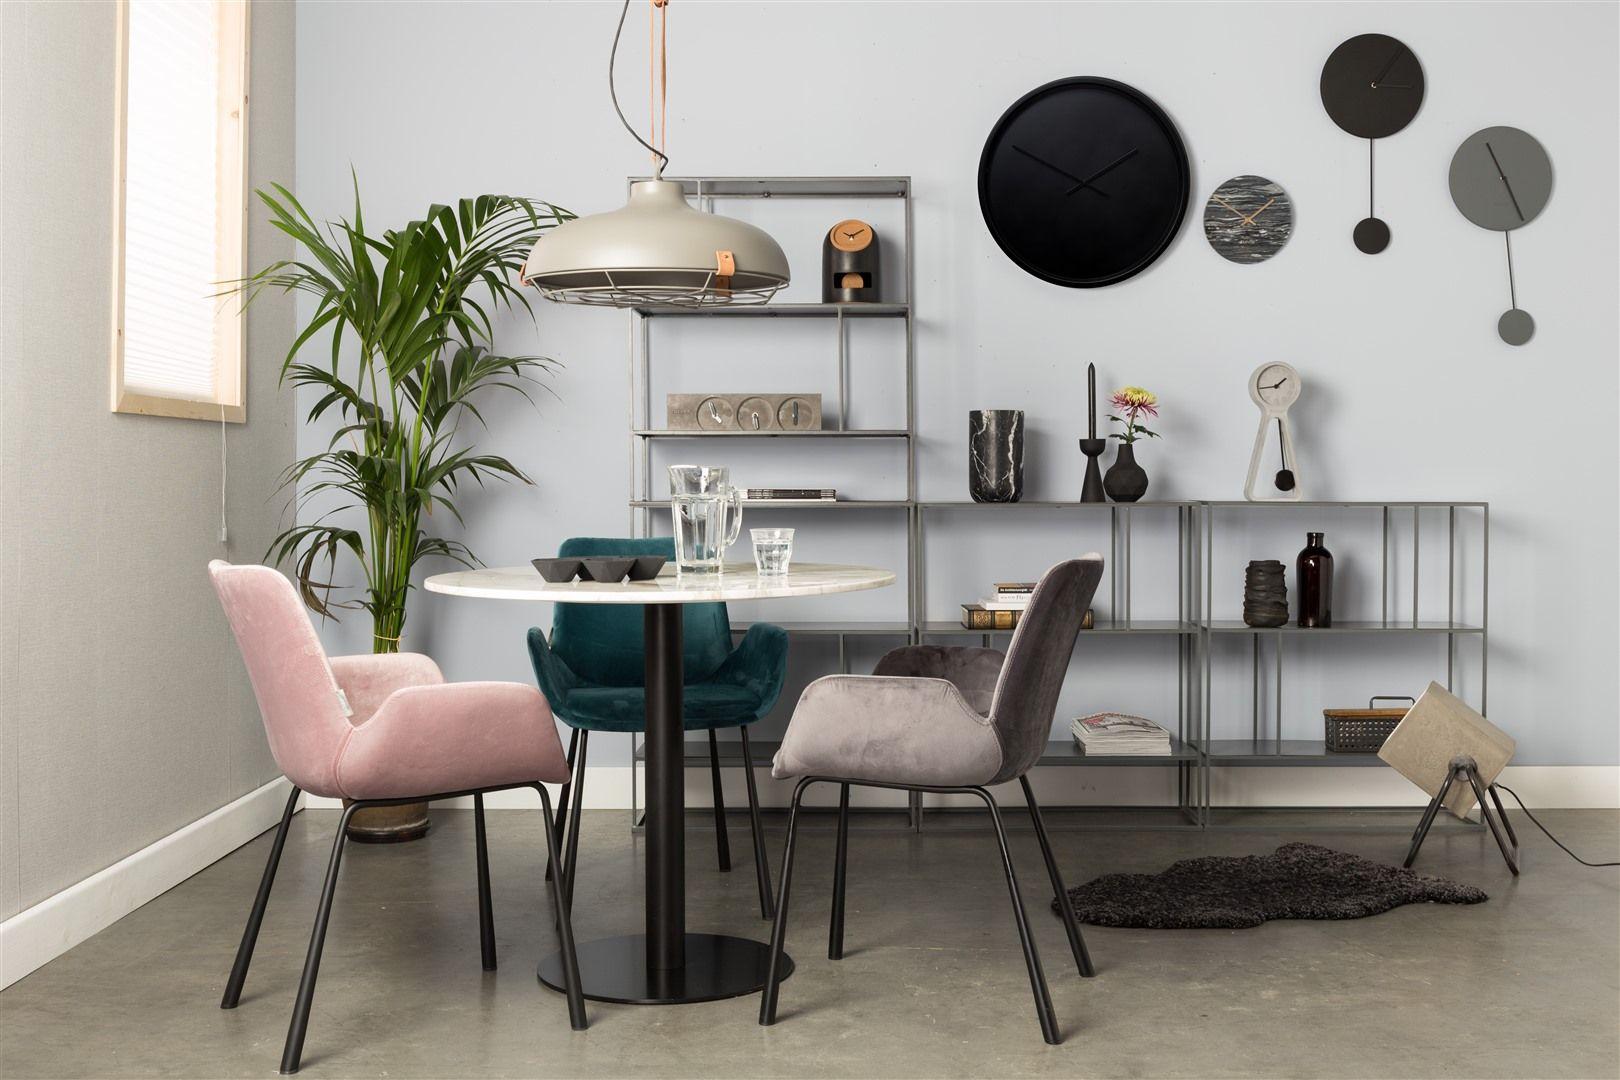 Amazing Top Interieur Izegem Solden fotos - Woonkamer ideeën & Huis ...